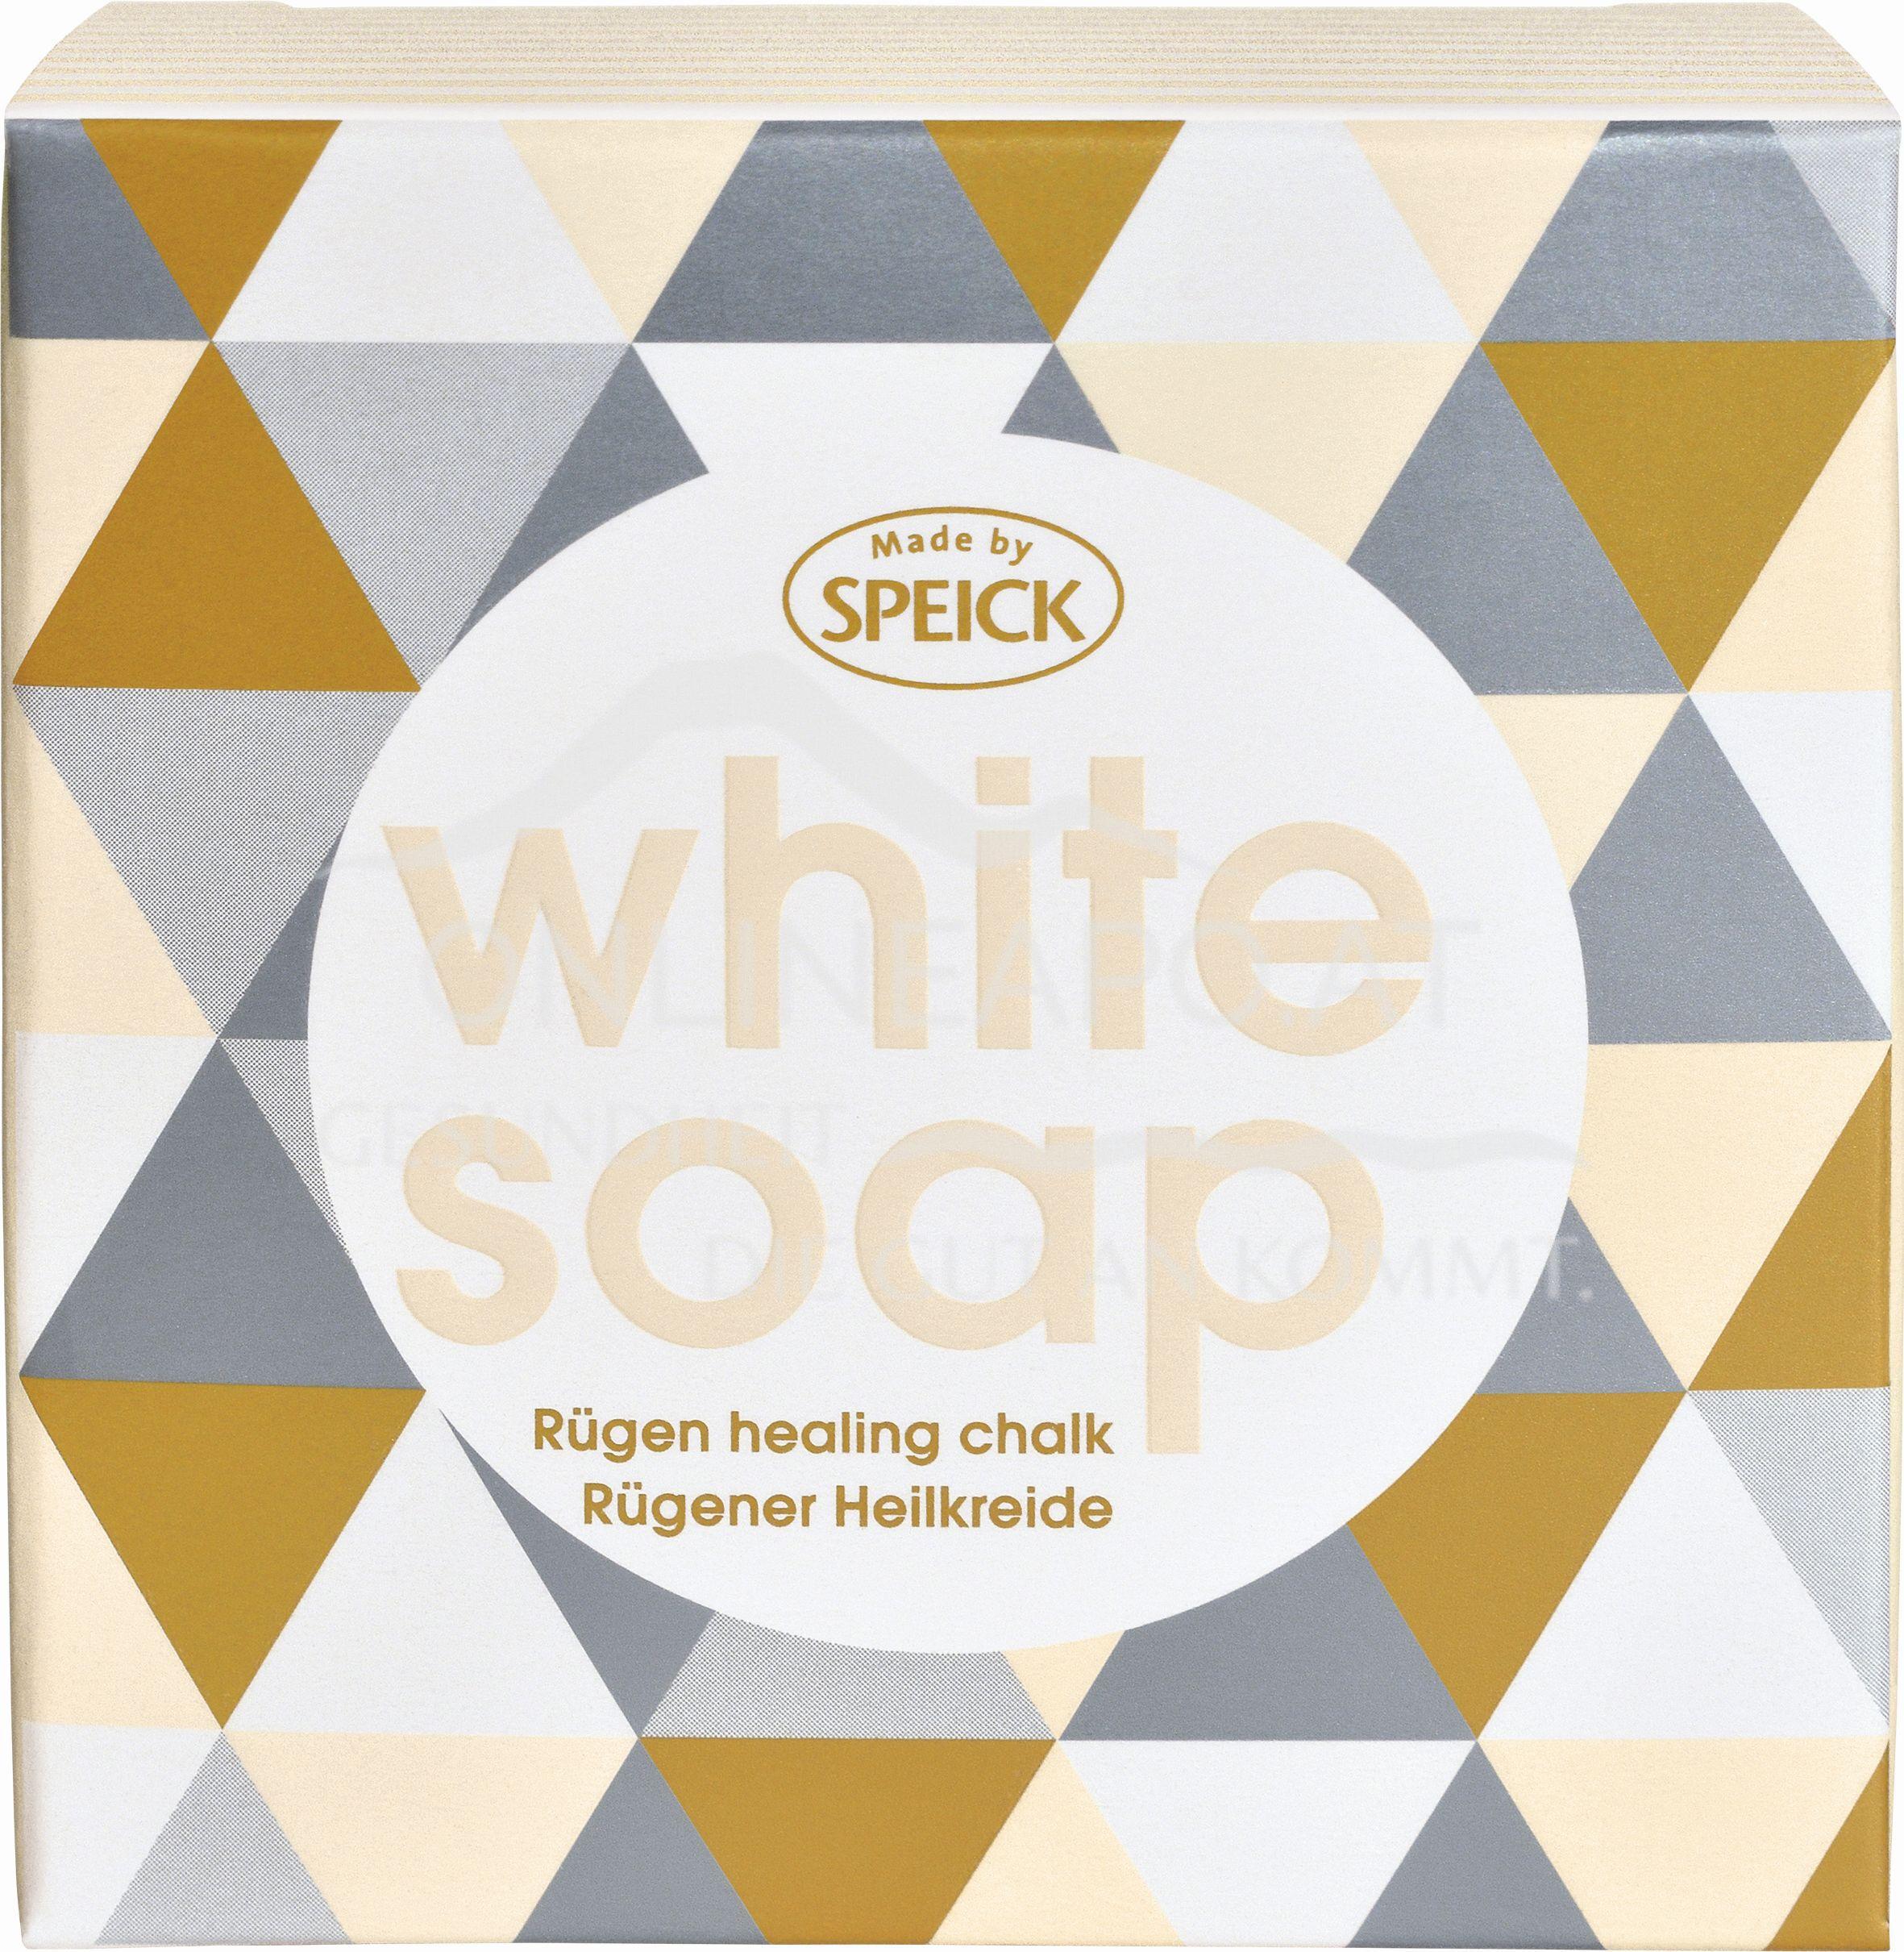 Made by Speick White Soap - Rügener Heilkreide